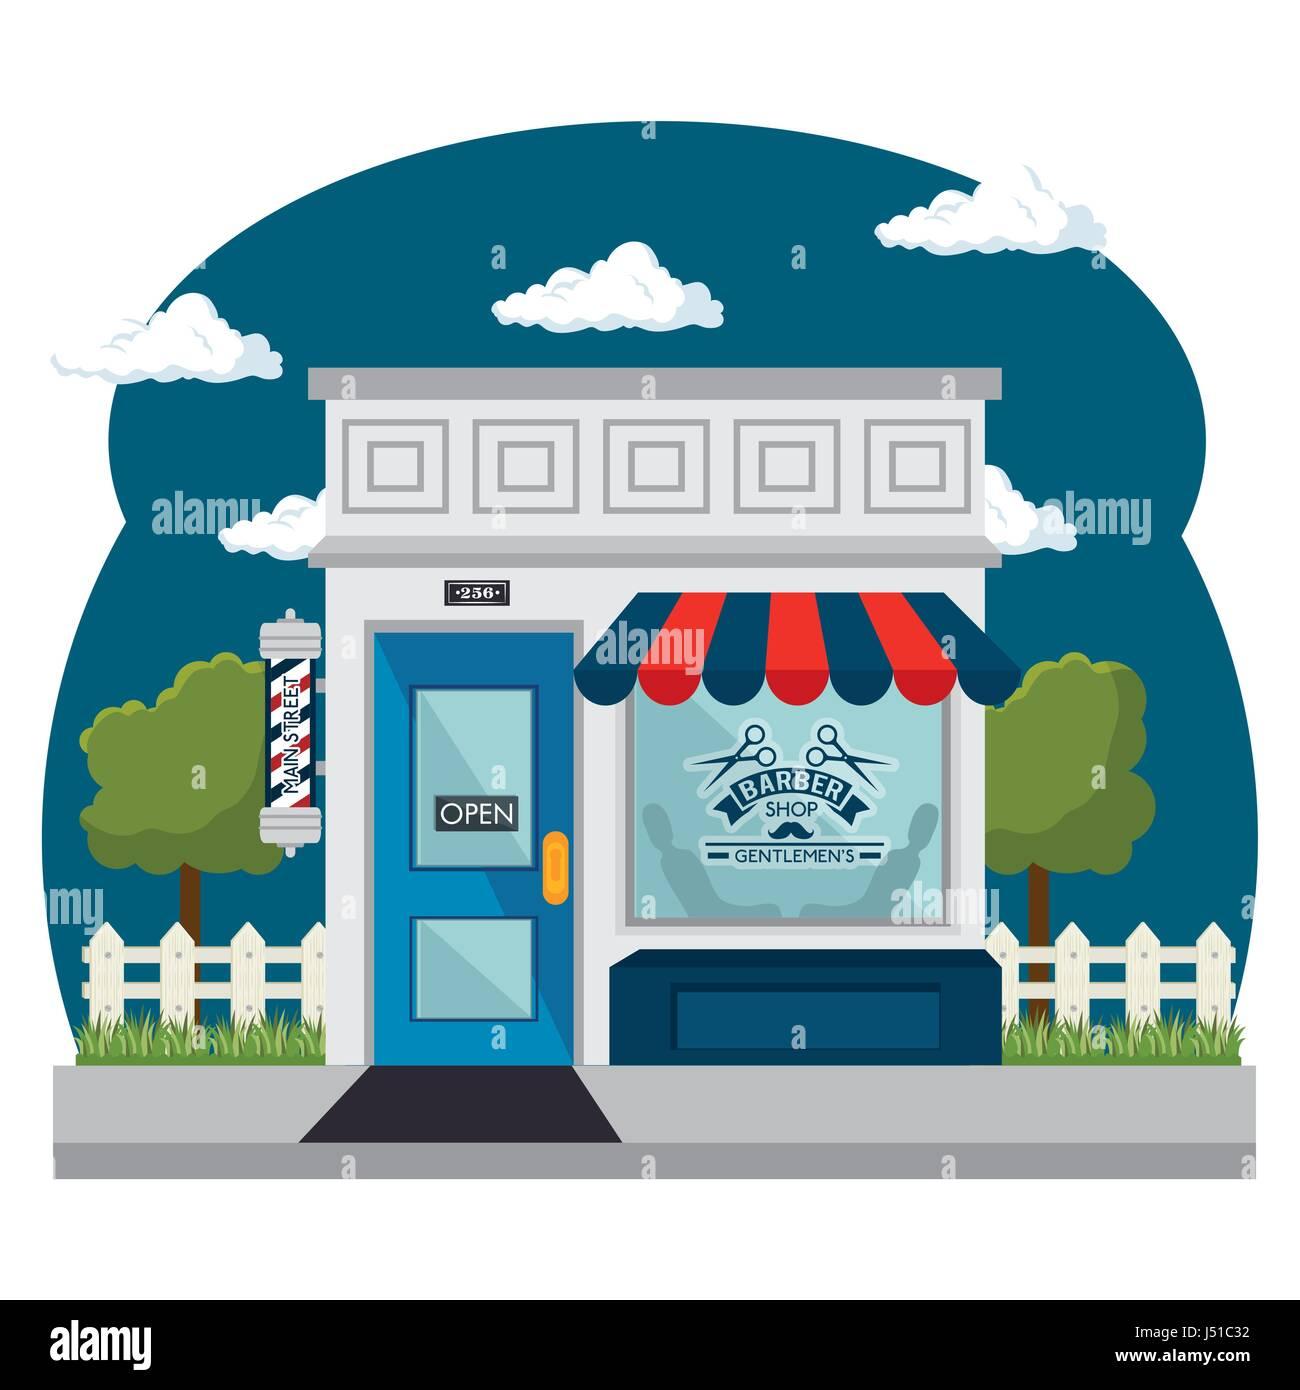 Shopping stores design Stock Vector